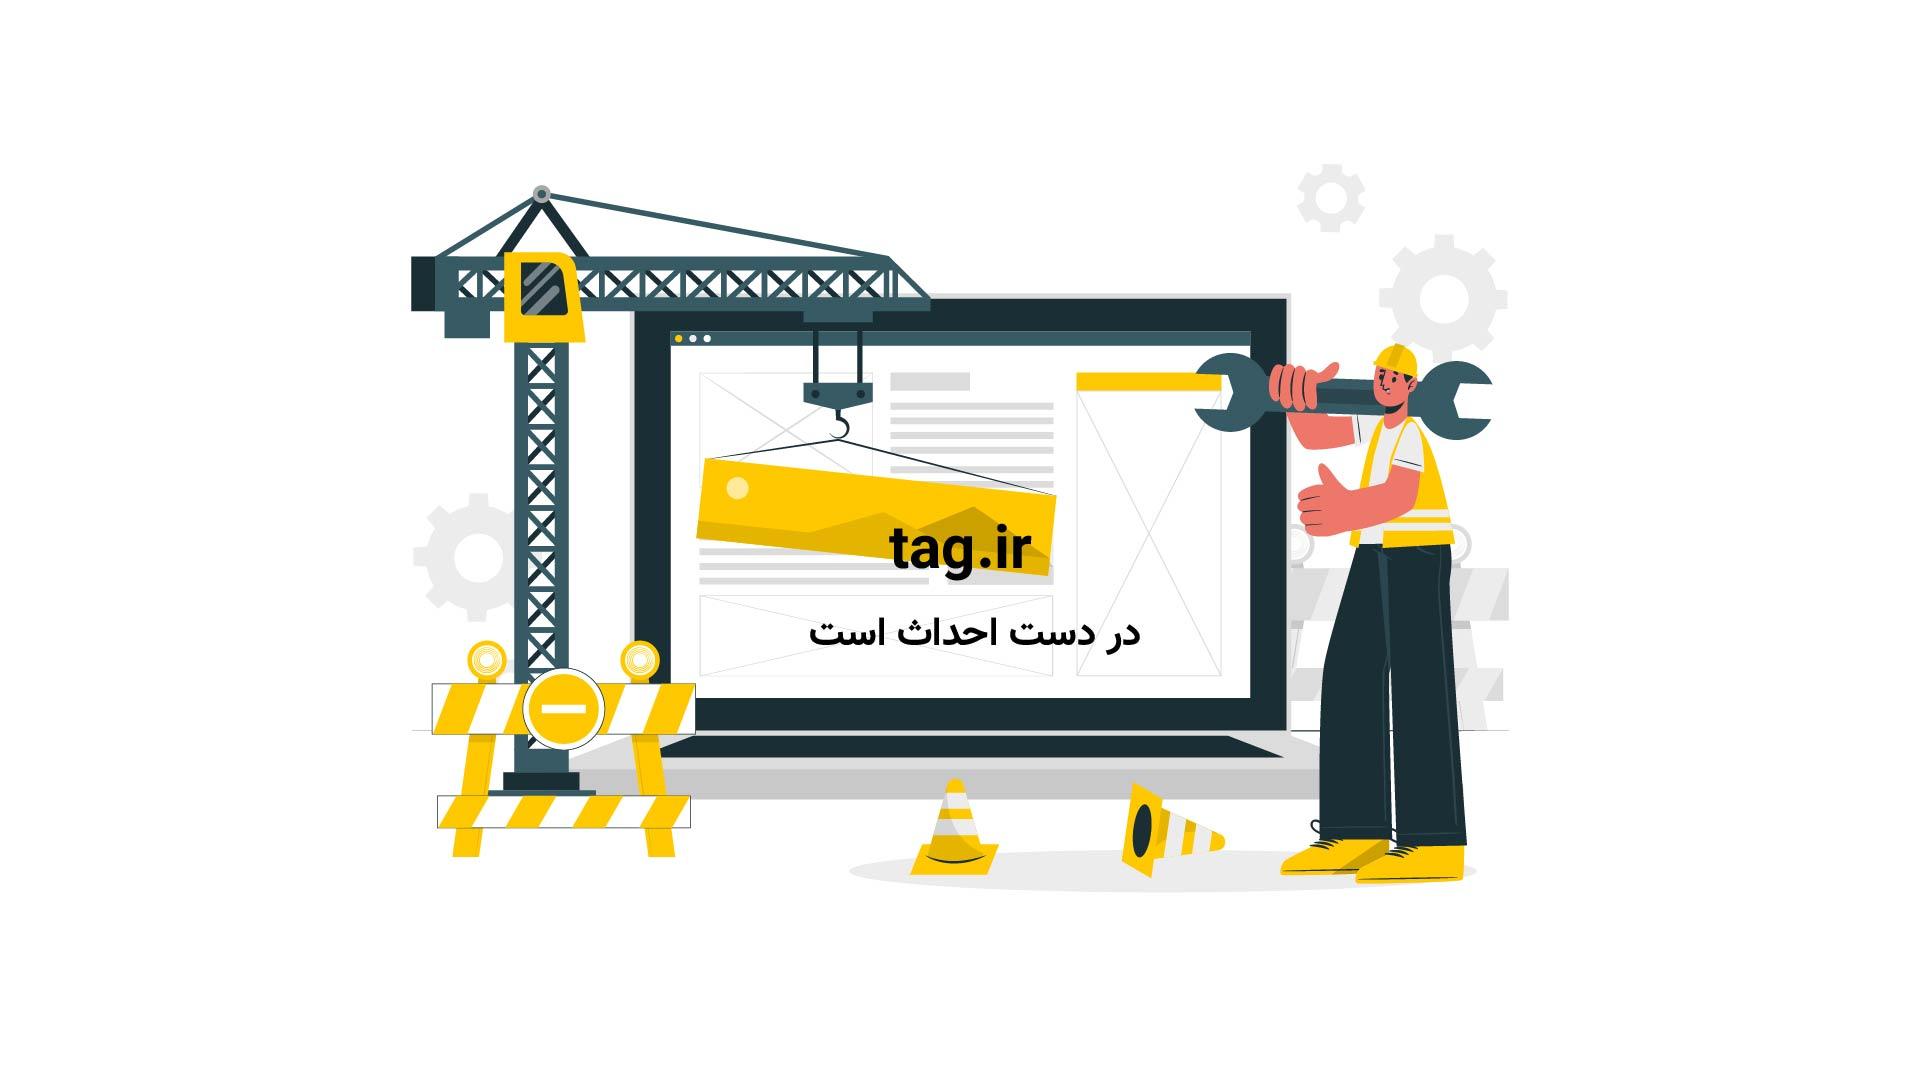 دریاچه گهر | تگ